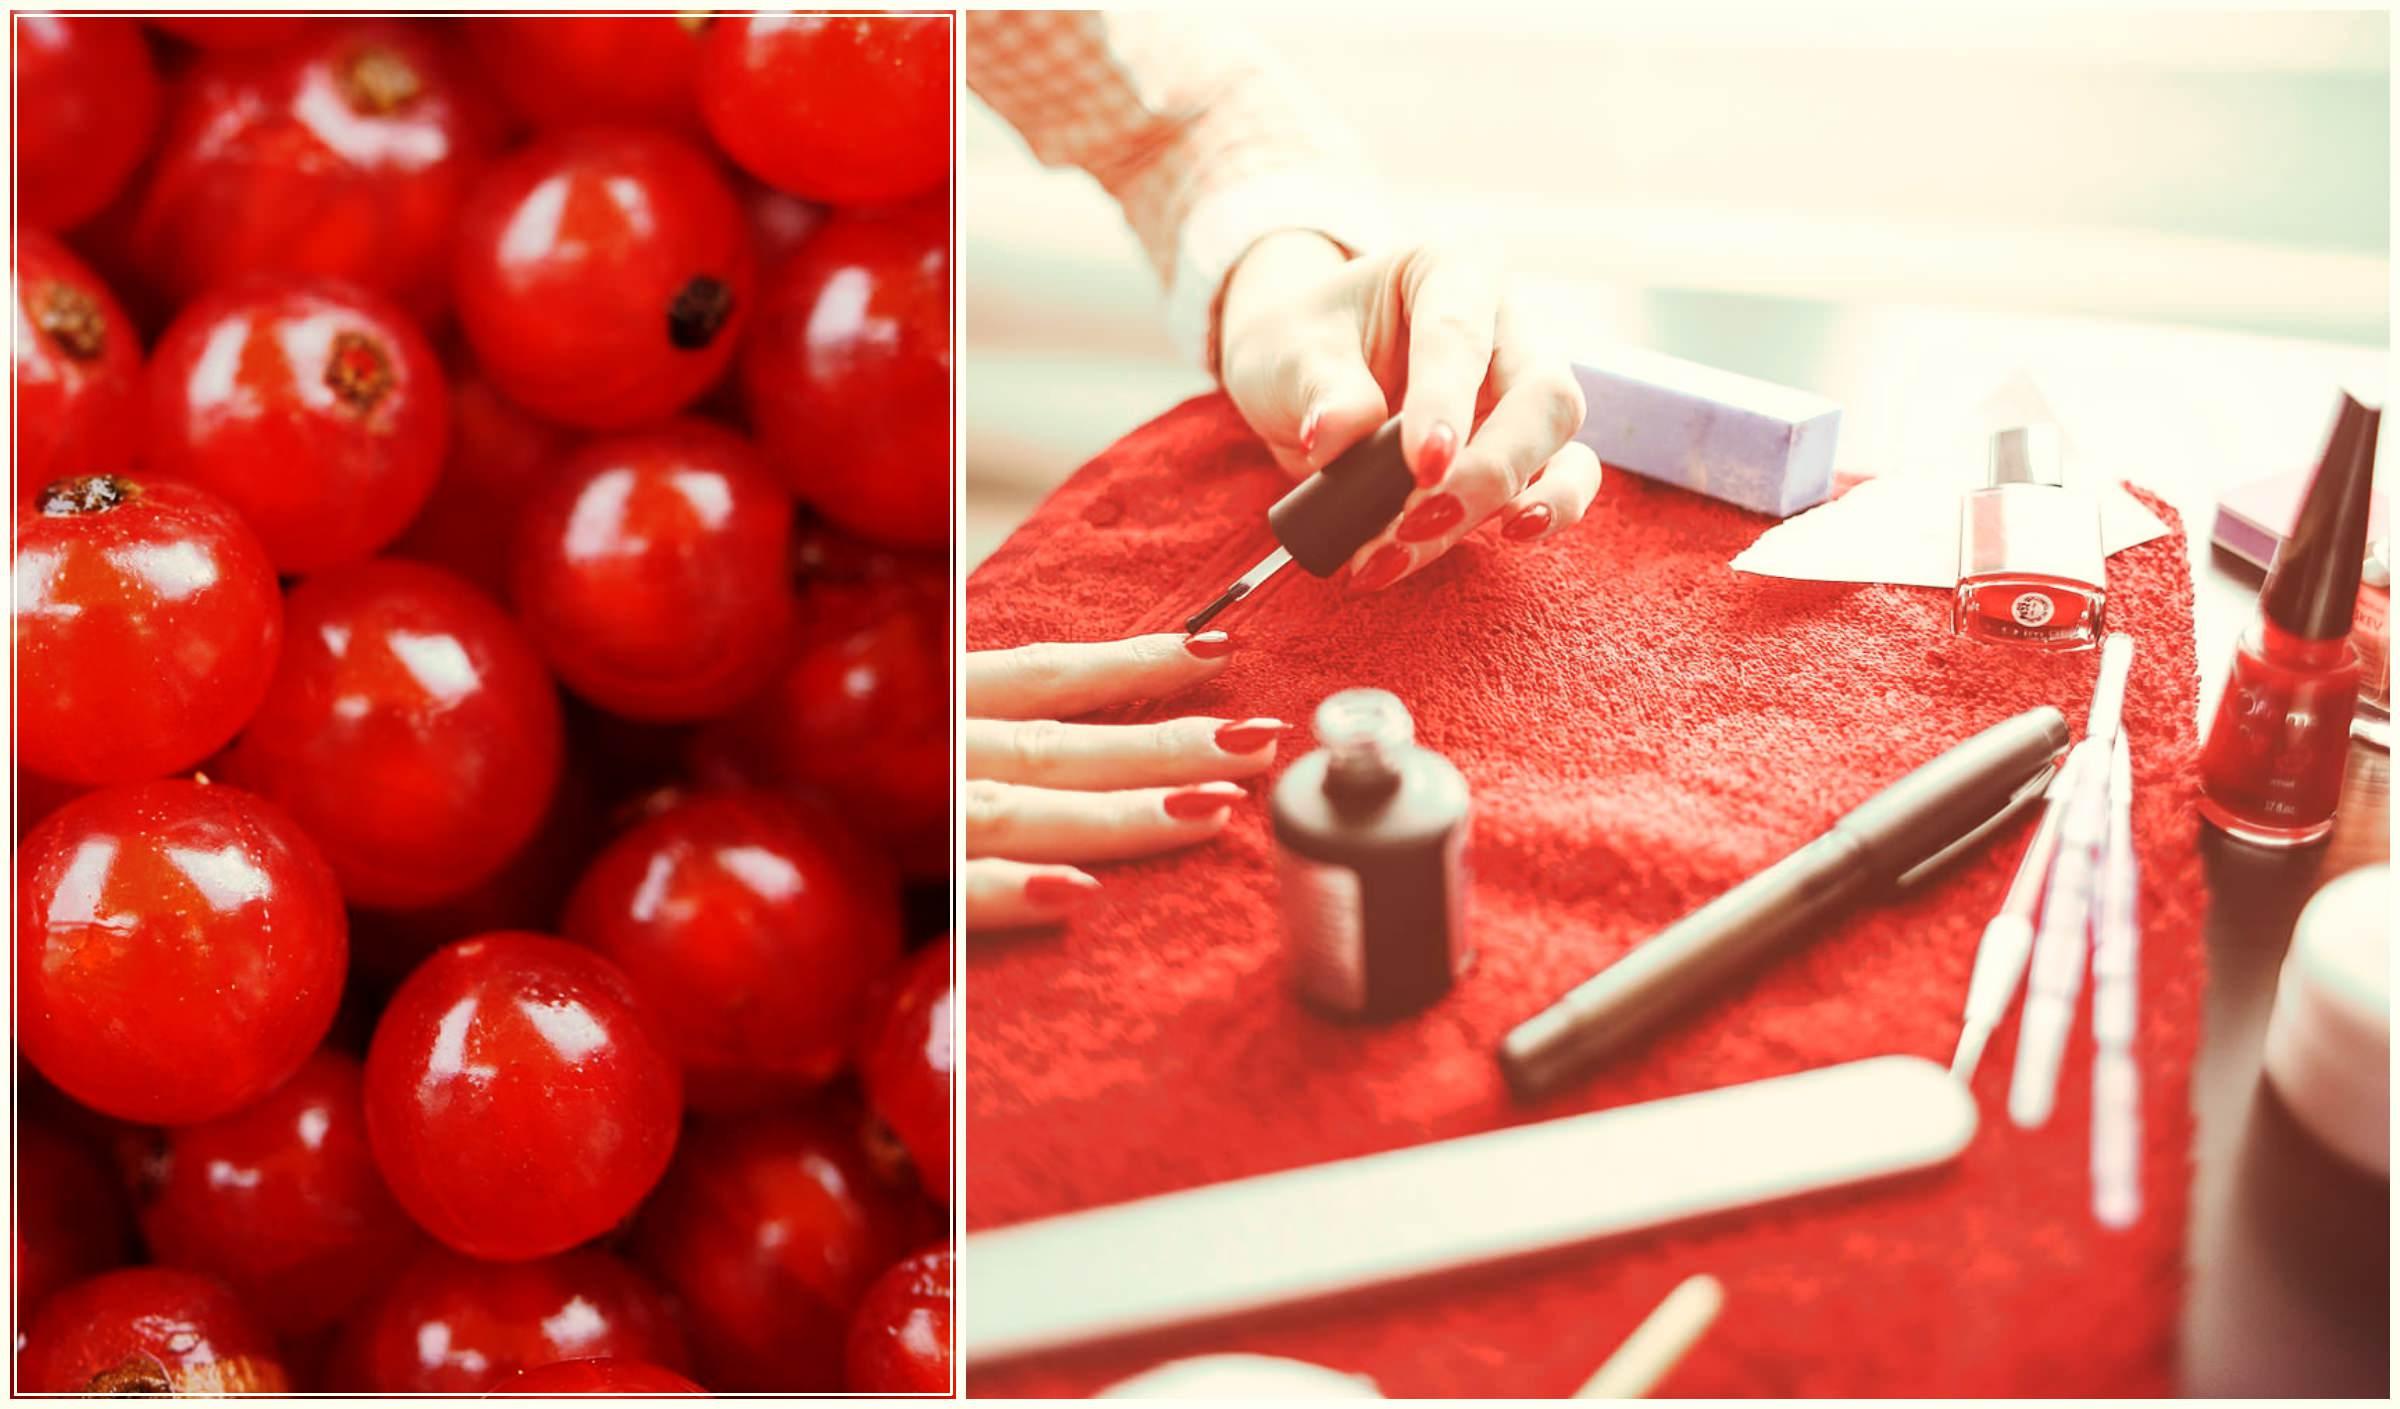 Красный лак. Красные ногти. Красные ягоды